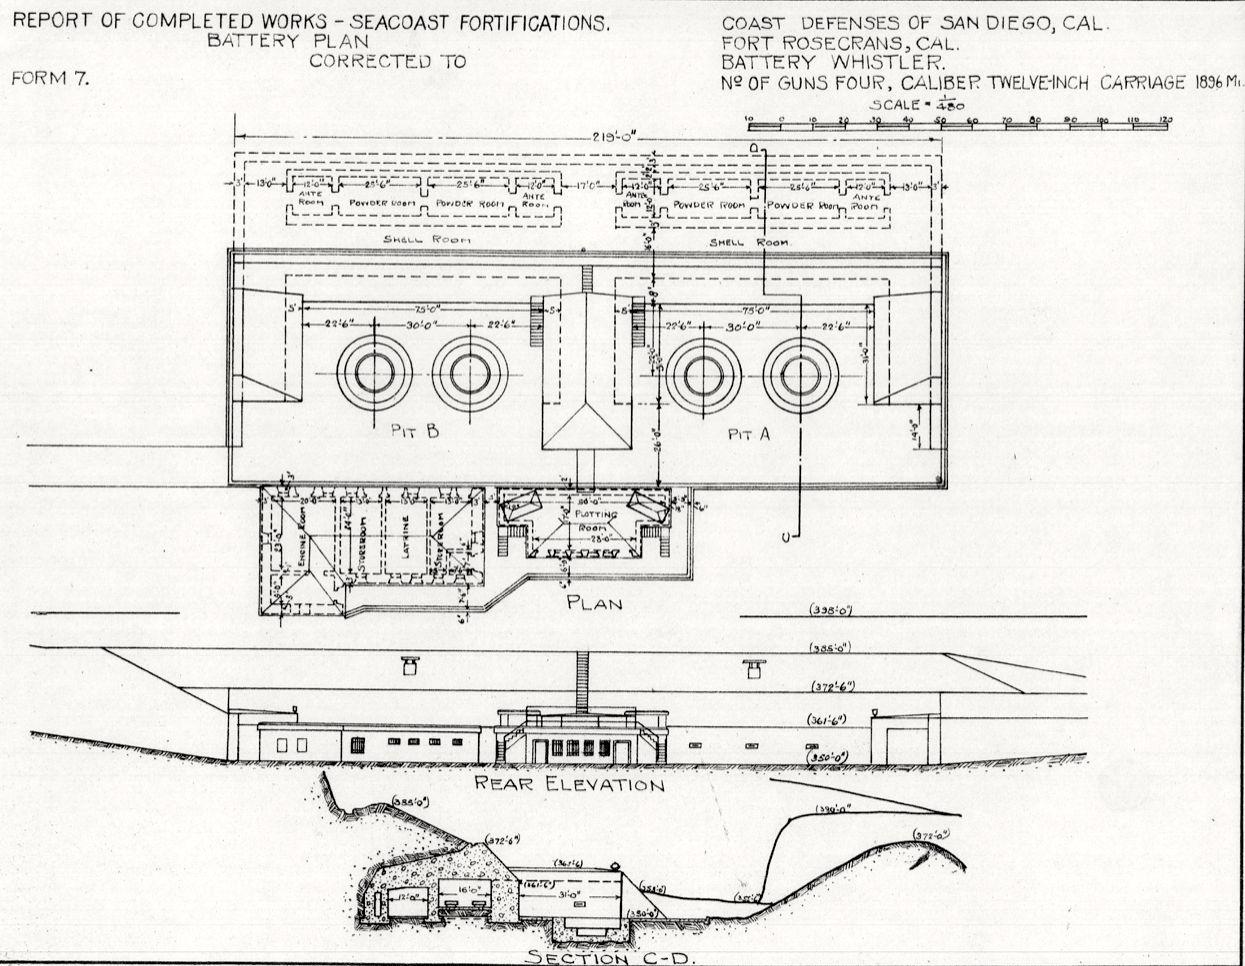 Fort Rosecrans: Battery Whistler